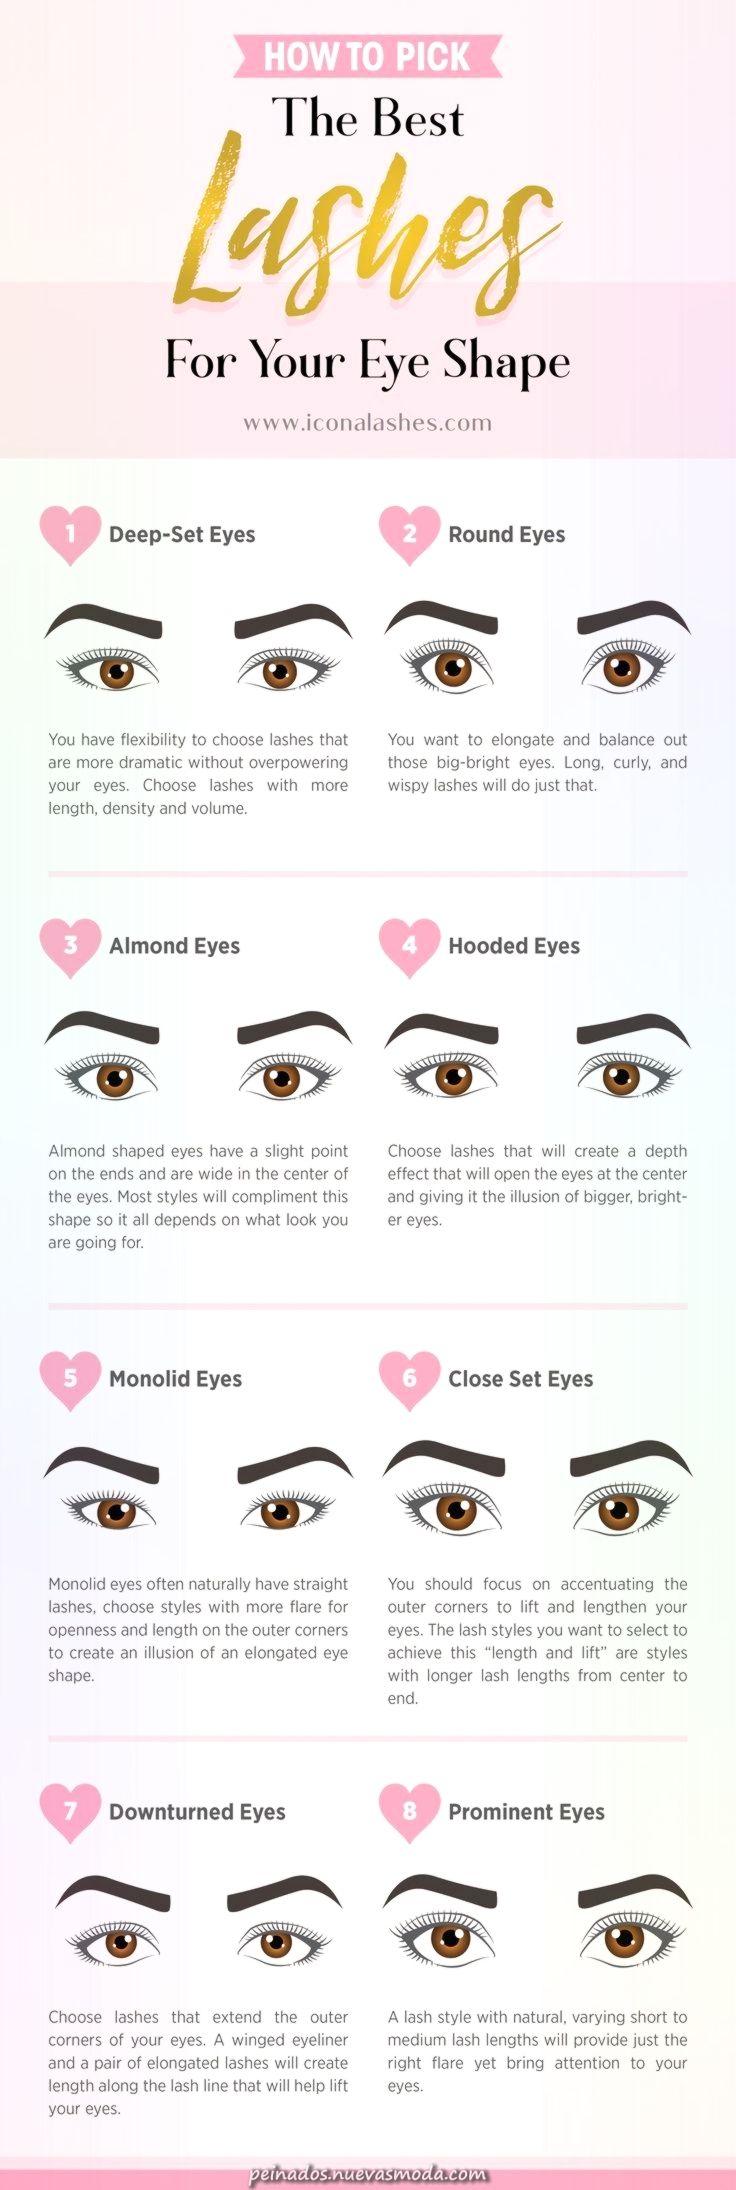 Consigue Un Maquillaje De Ojos Perfecto Y Precios Con Las Brochas